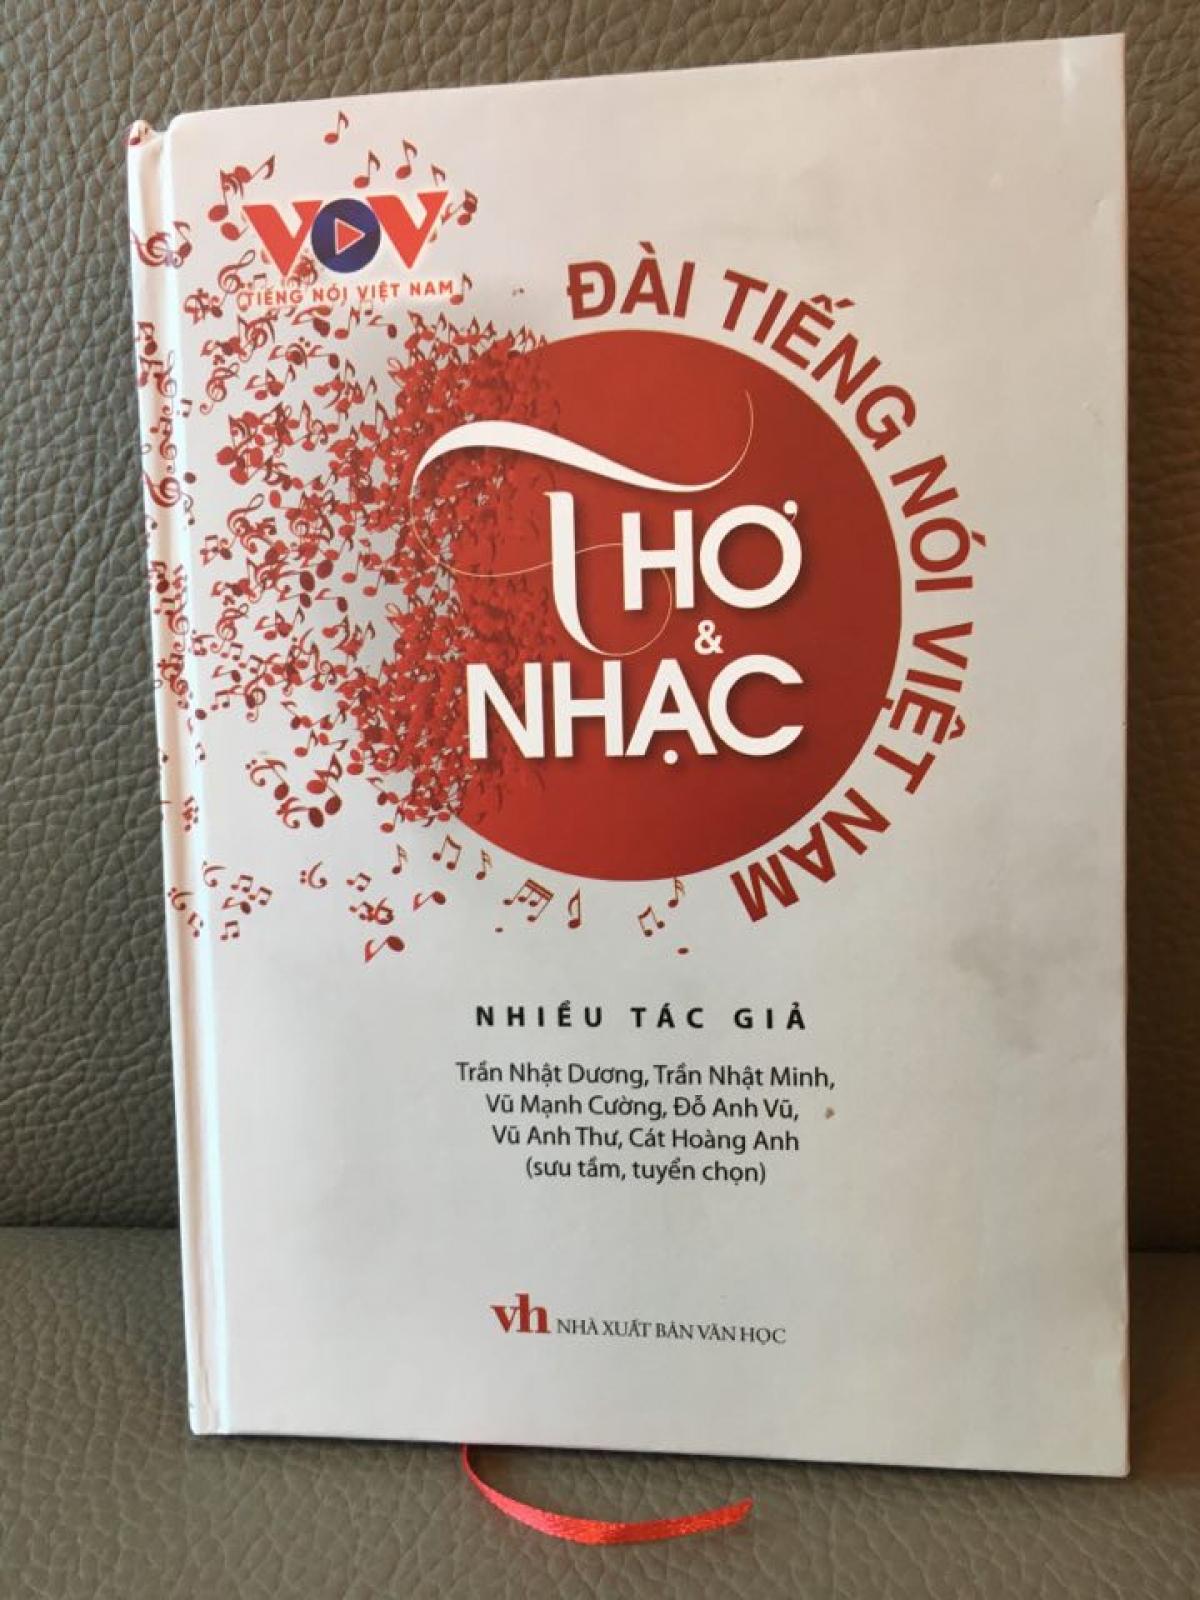 """Cuốn sách""""Đài Tiếng nói Việt Nam – Thơ và Nhạc""""."""